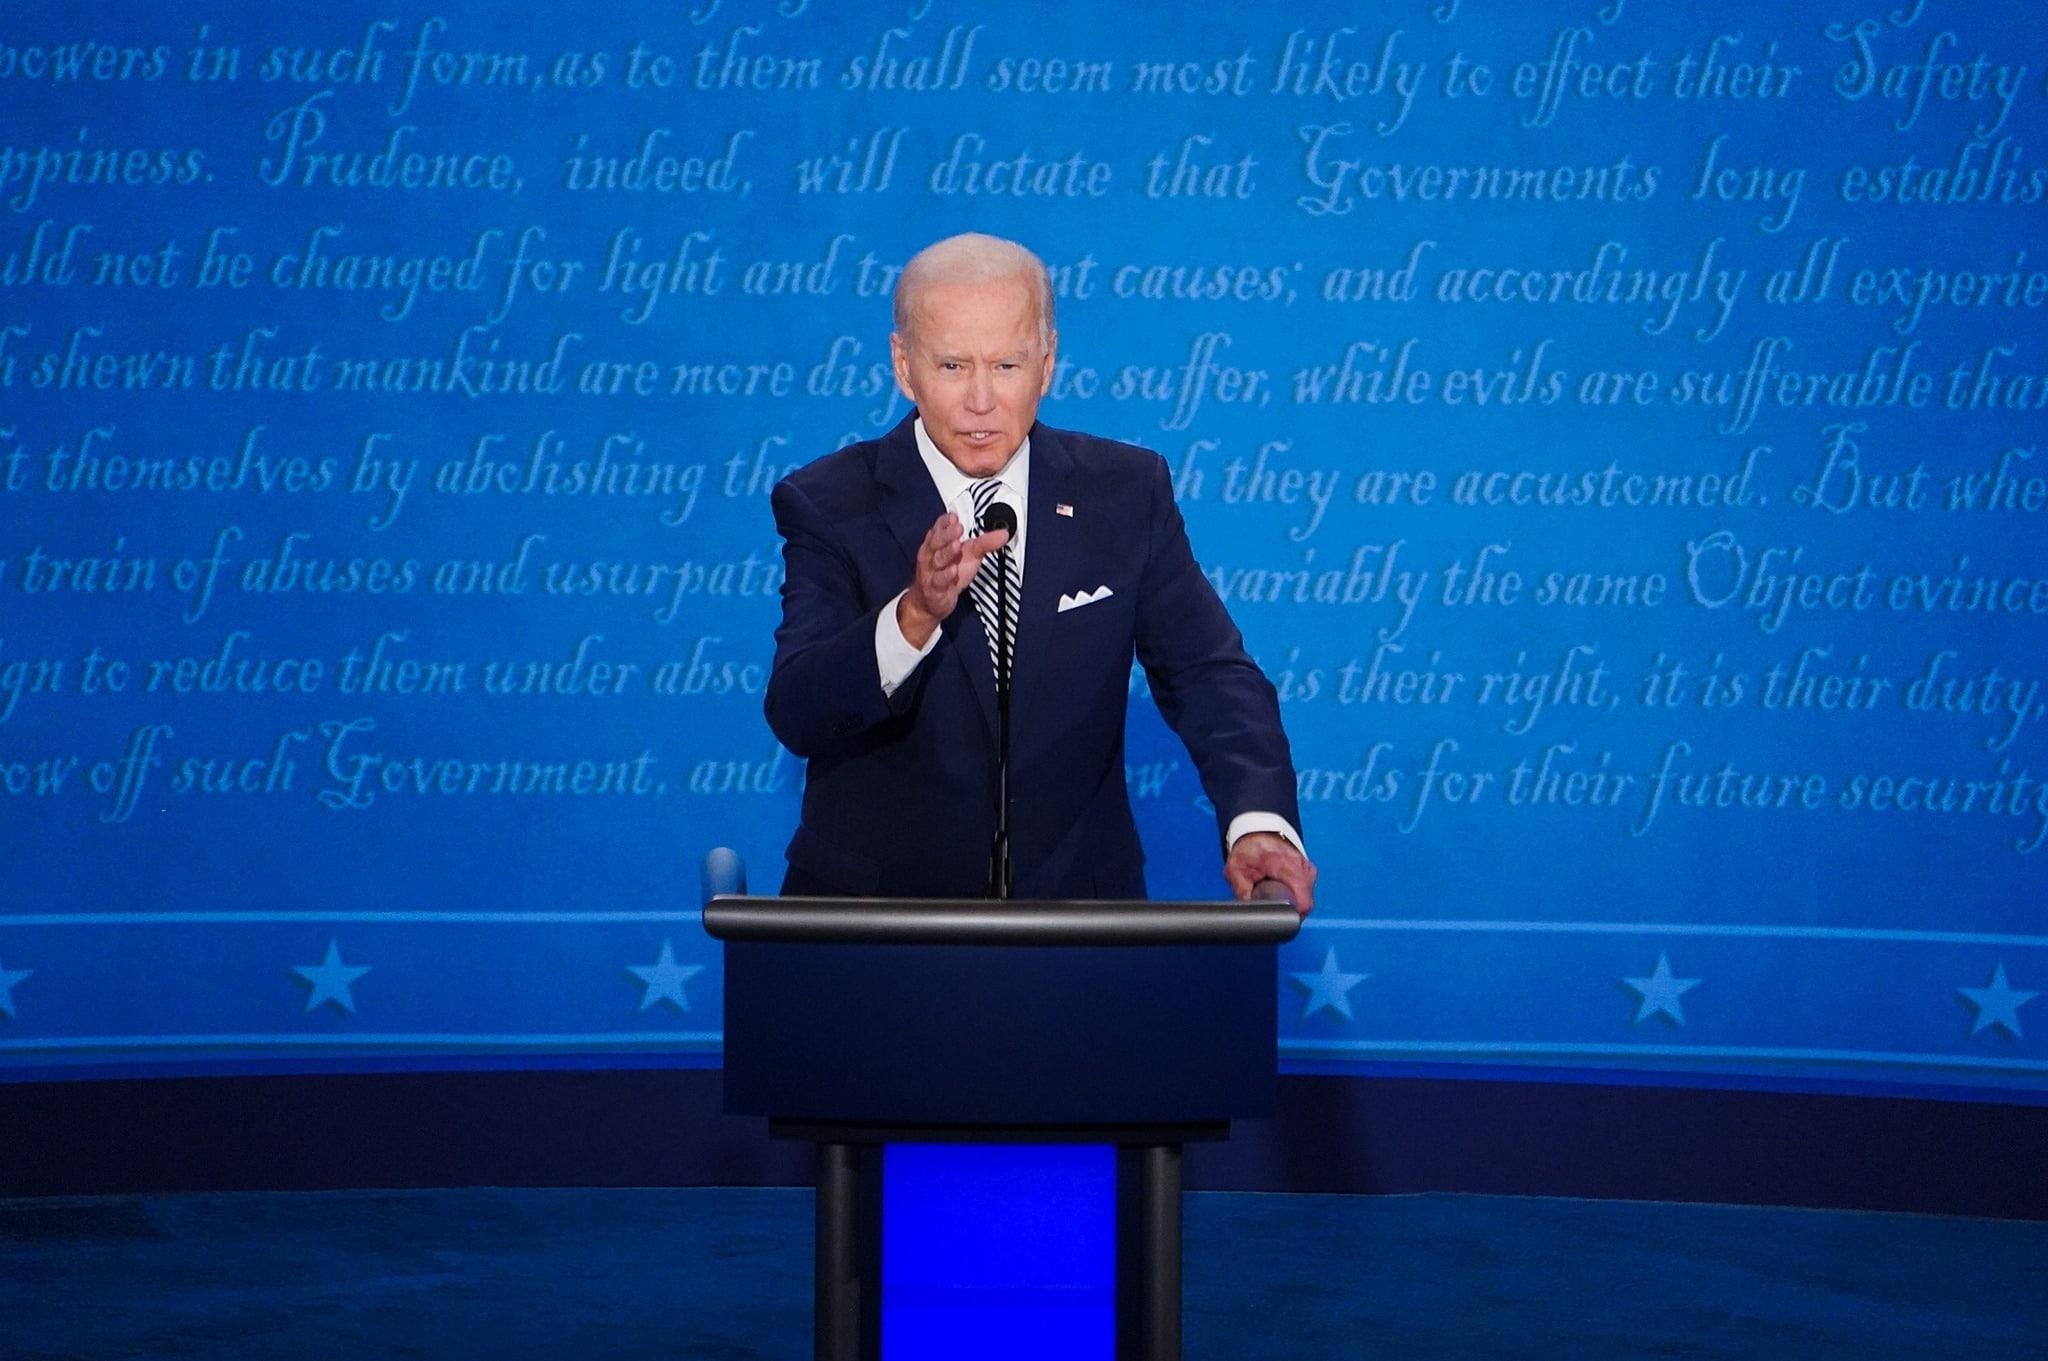 Le nomine di Biden, il contrario di Trump